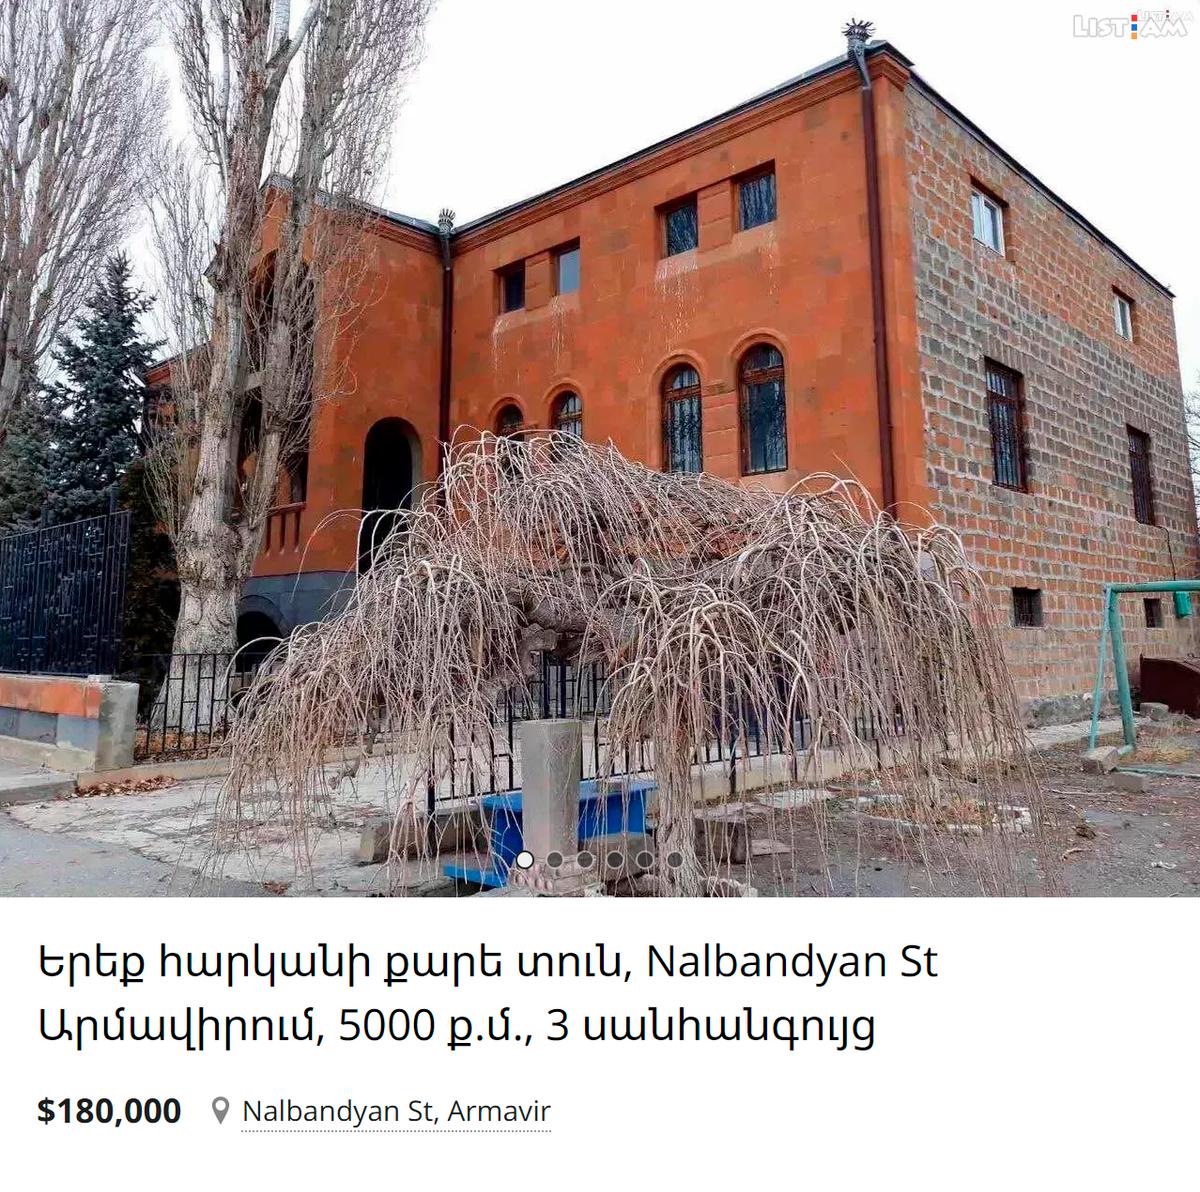 Трехэтажный дом площадью 5000&nbsp;м² с тремя ванными комнатами, евроремонтом, большим собственным двором и бассейном в центре города продают за 180 000$ (13 320 000<span class=ruble>Р</span>)